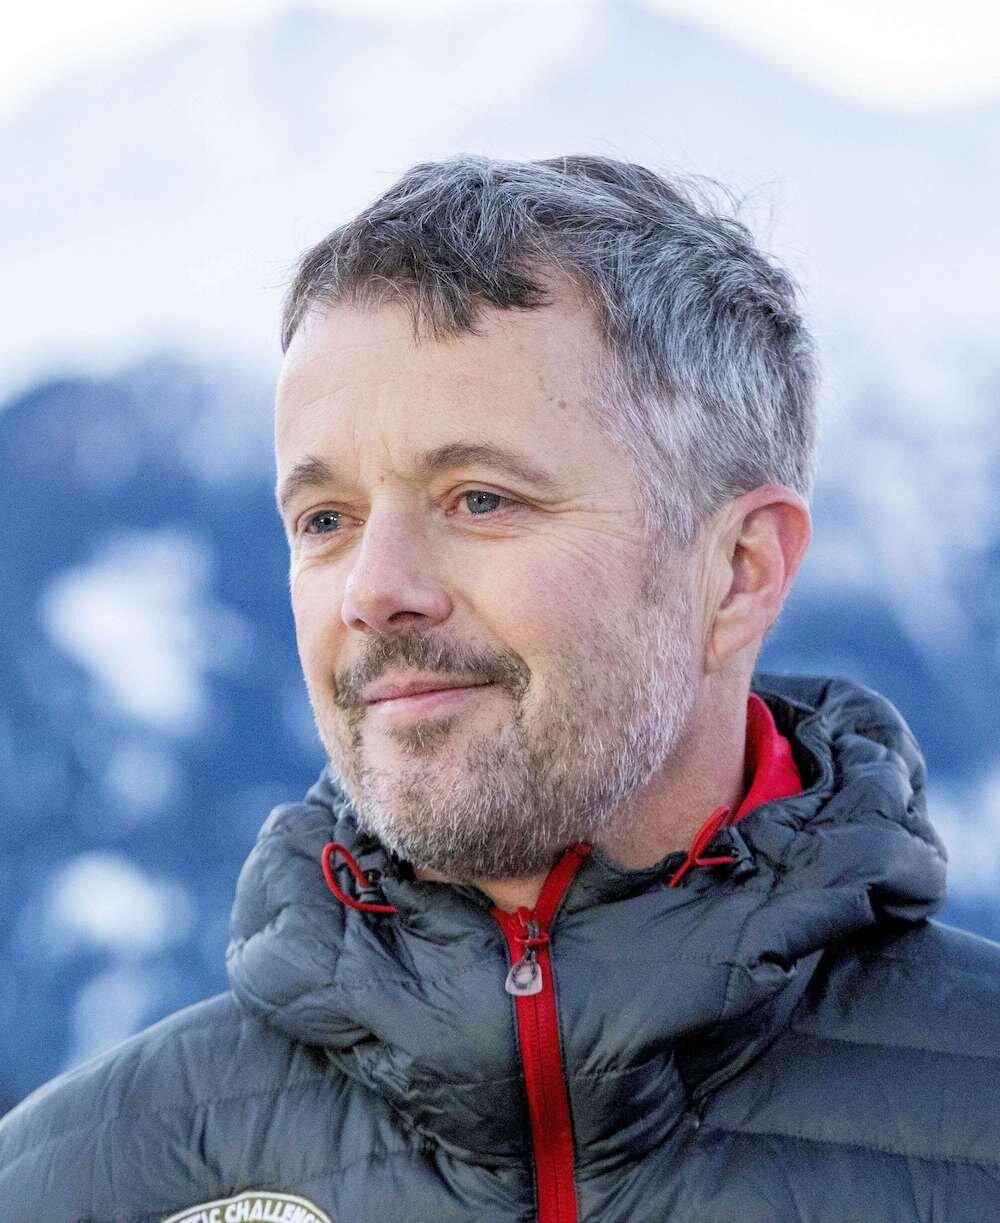 Kronprinz Frederik hatte einen Unfall beim Skifahren in der Schweiz.  © picture alliance/RoyalPress Europe